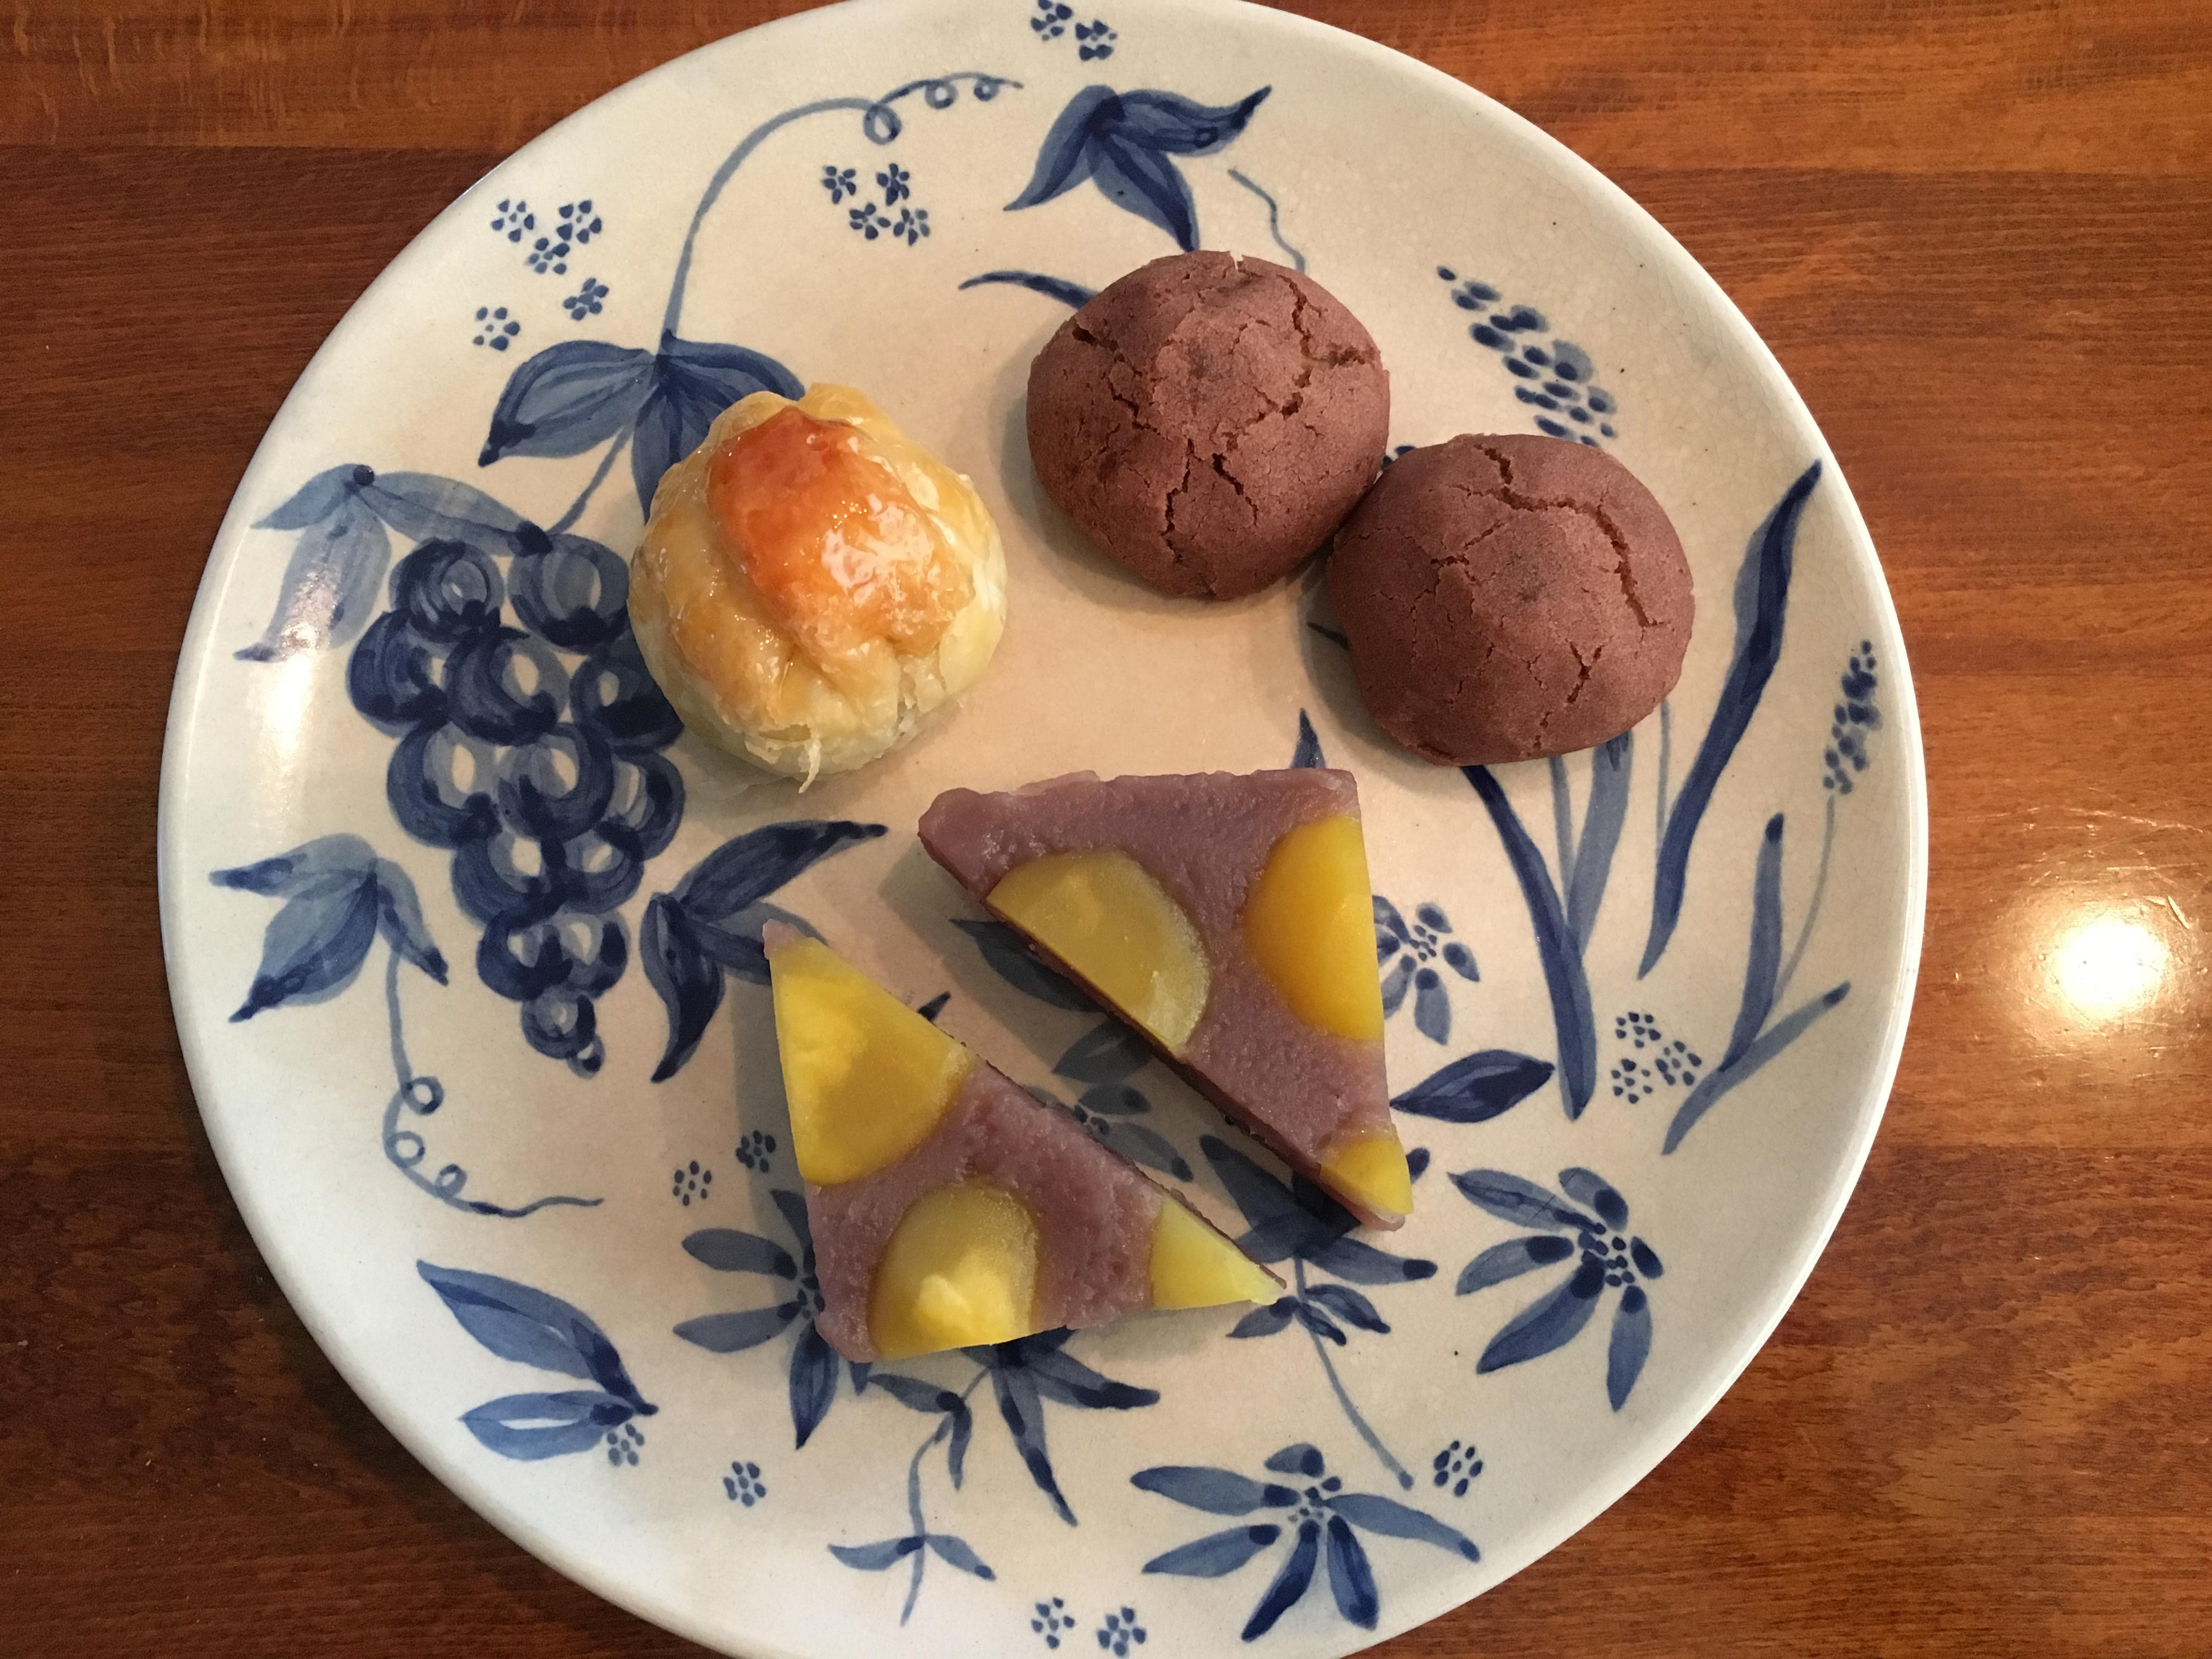 奈良にある人気和菓子店「花仙堂」の栗和菓子を3種類を実食!おすすめは?